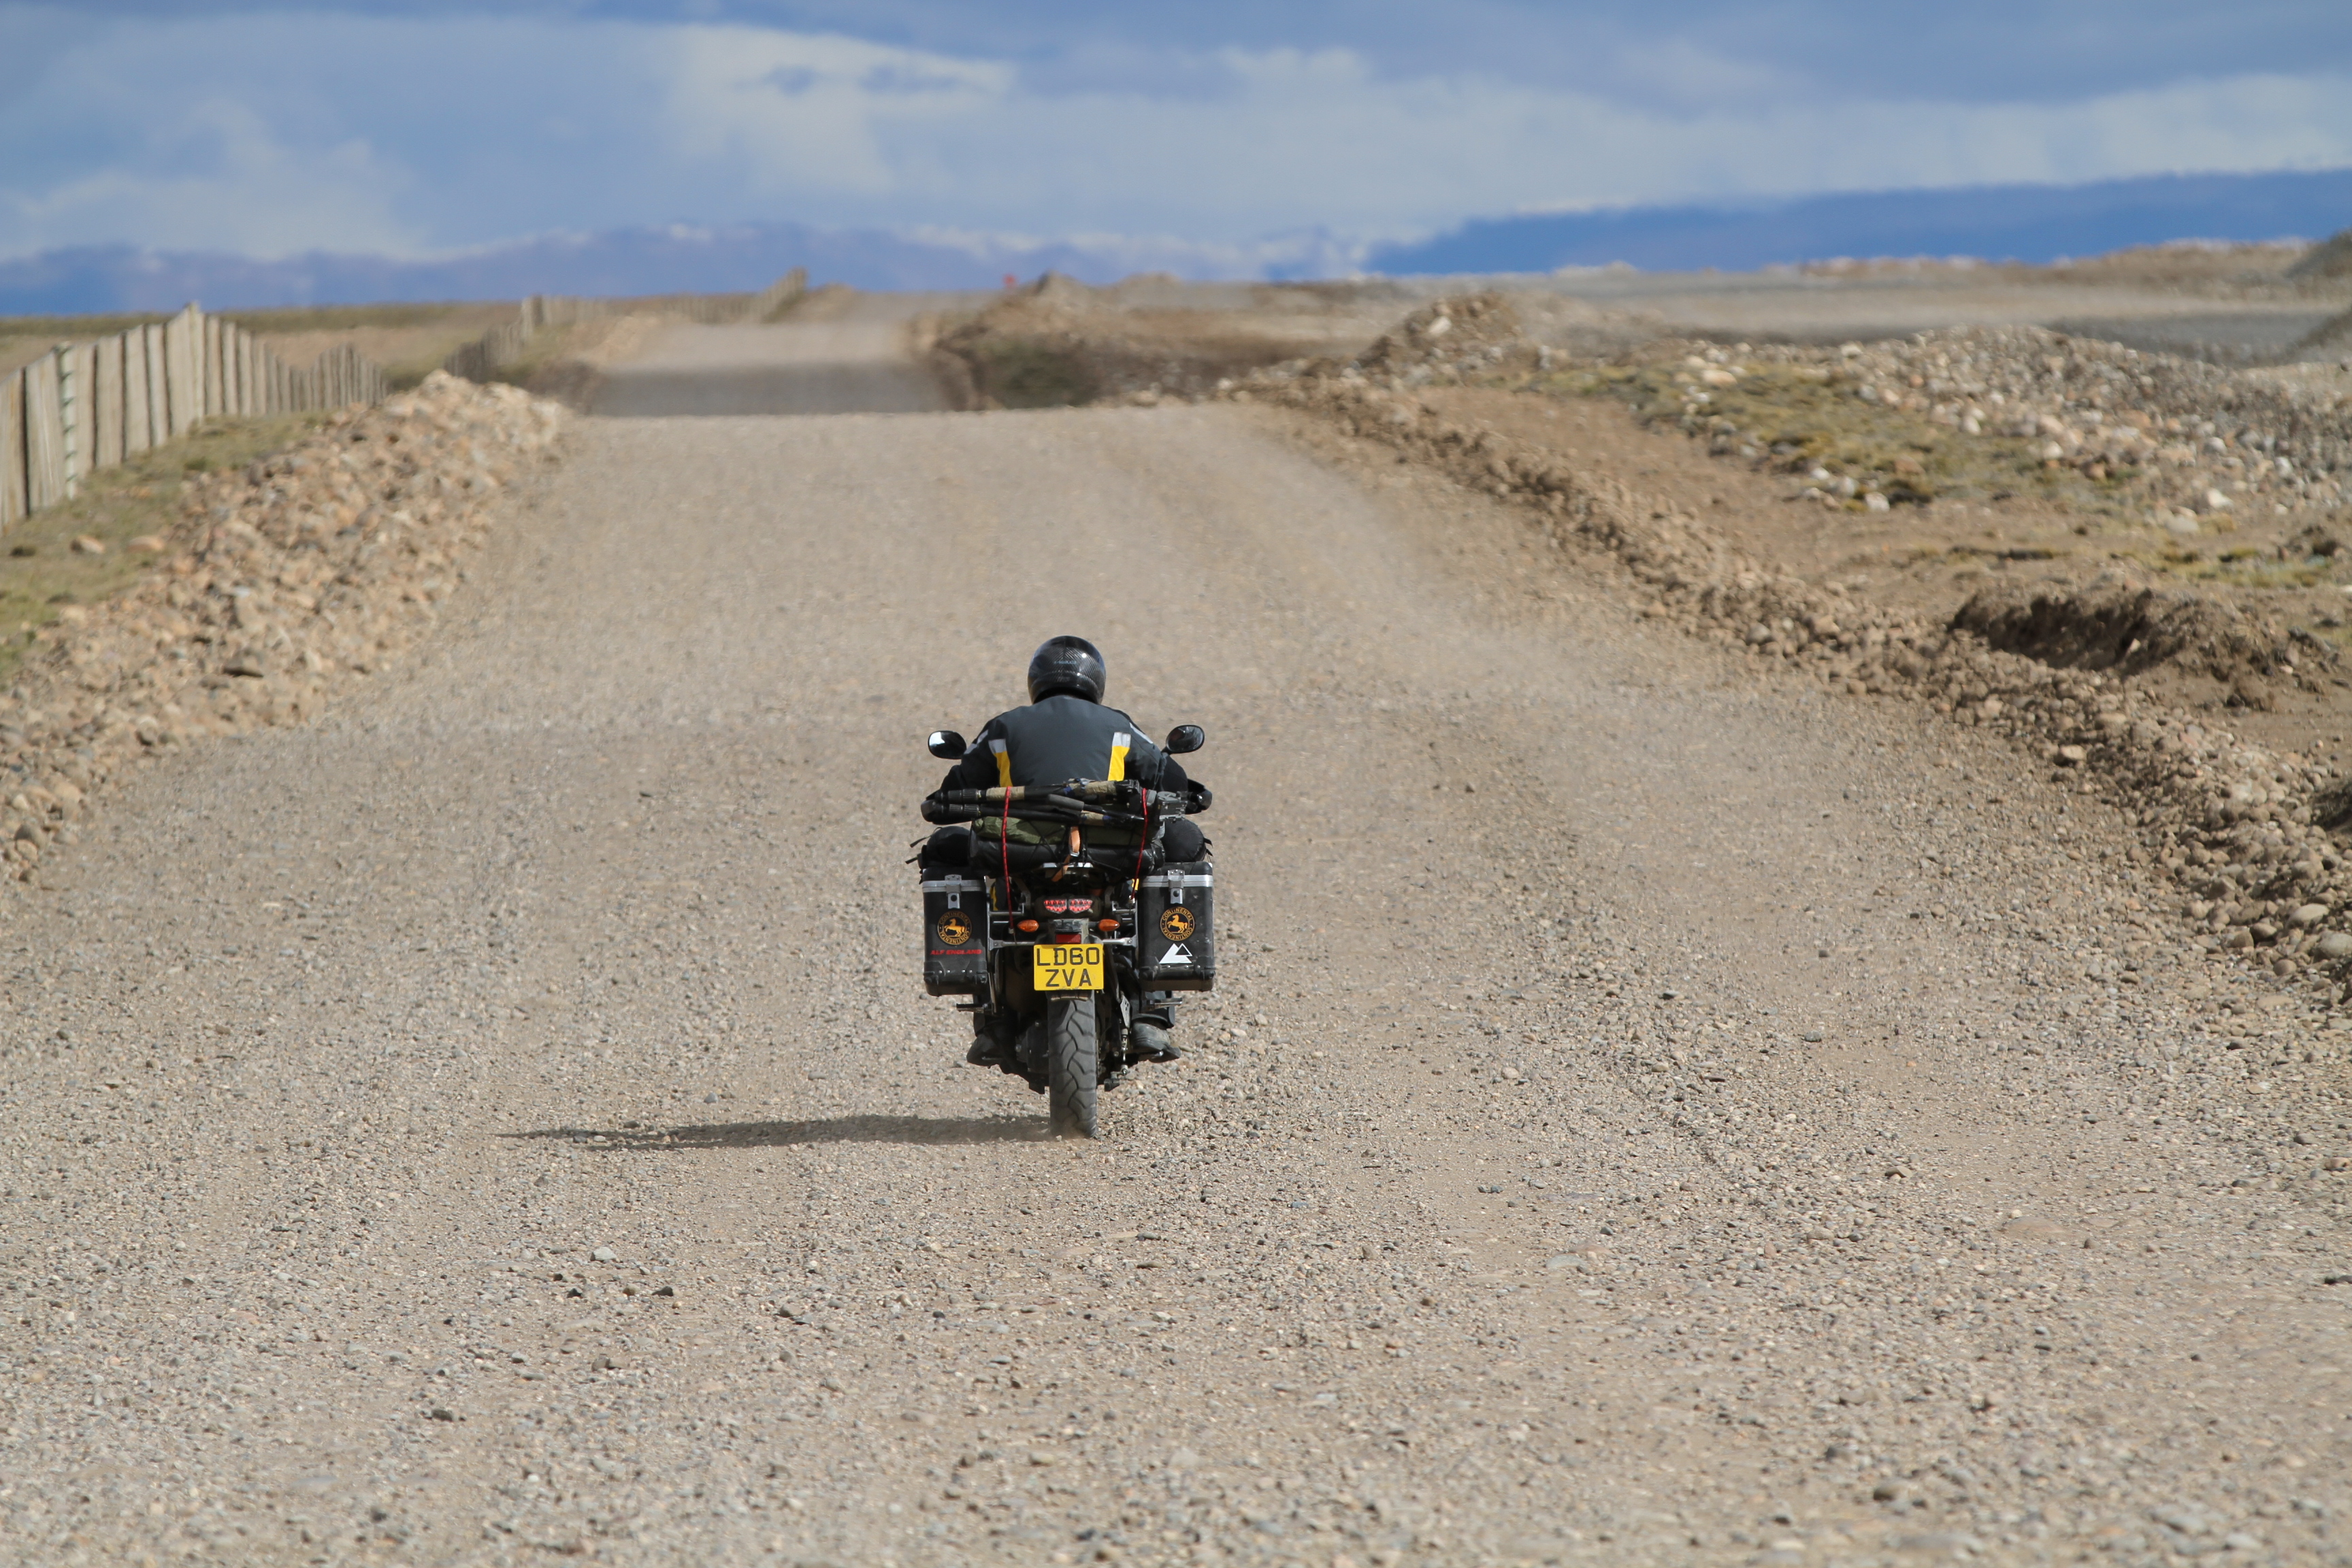 Ruta 40 in Patagonia